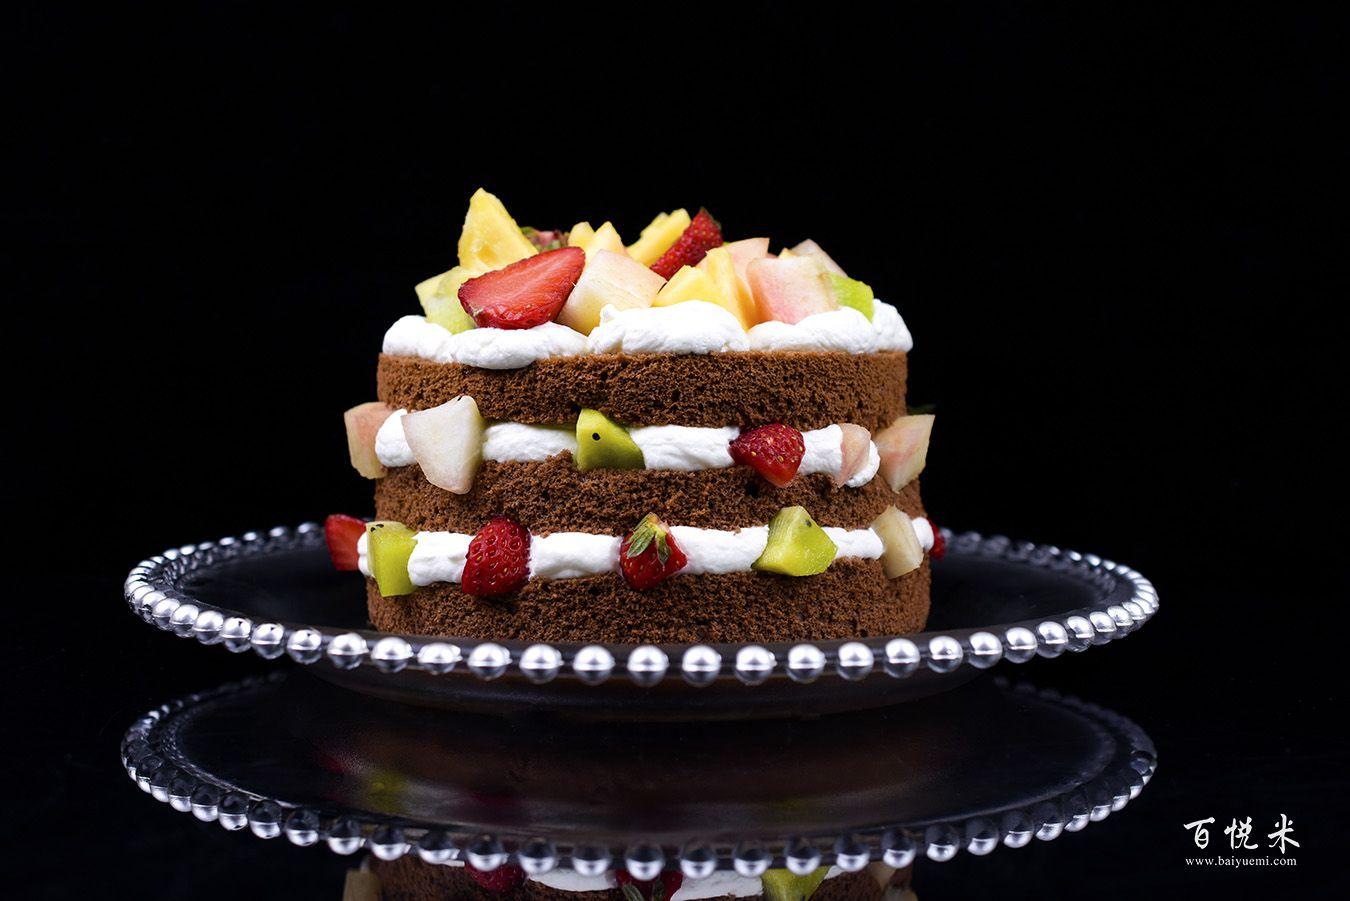 巧克力裸蛋糕的做法视频大全_西点培训学习教程